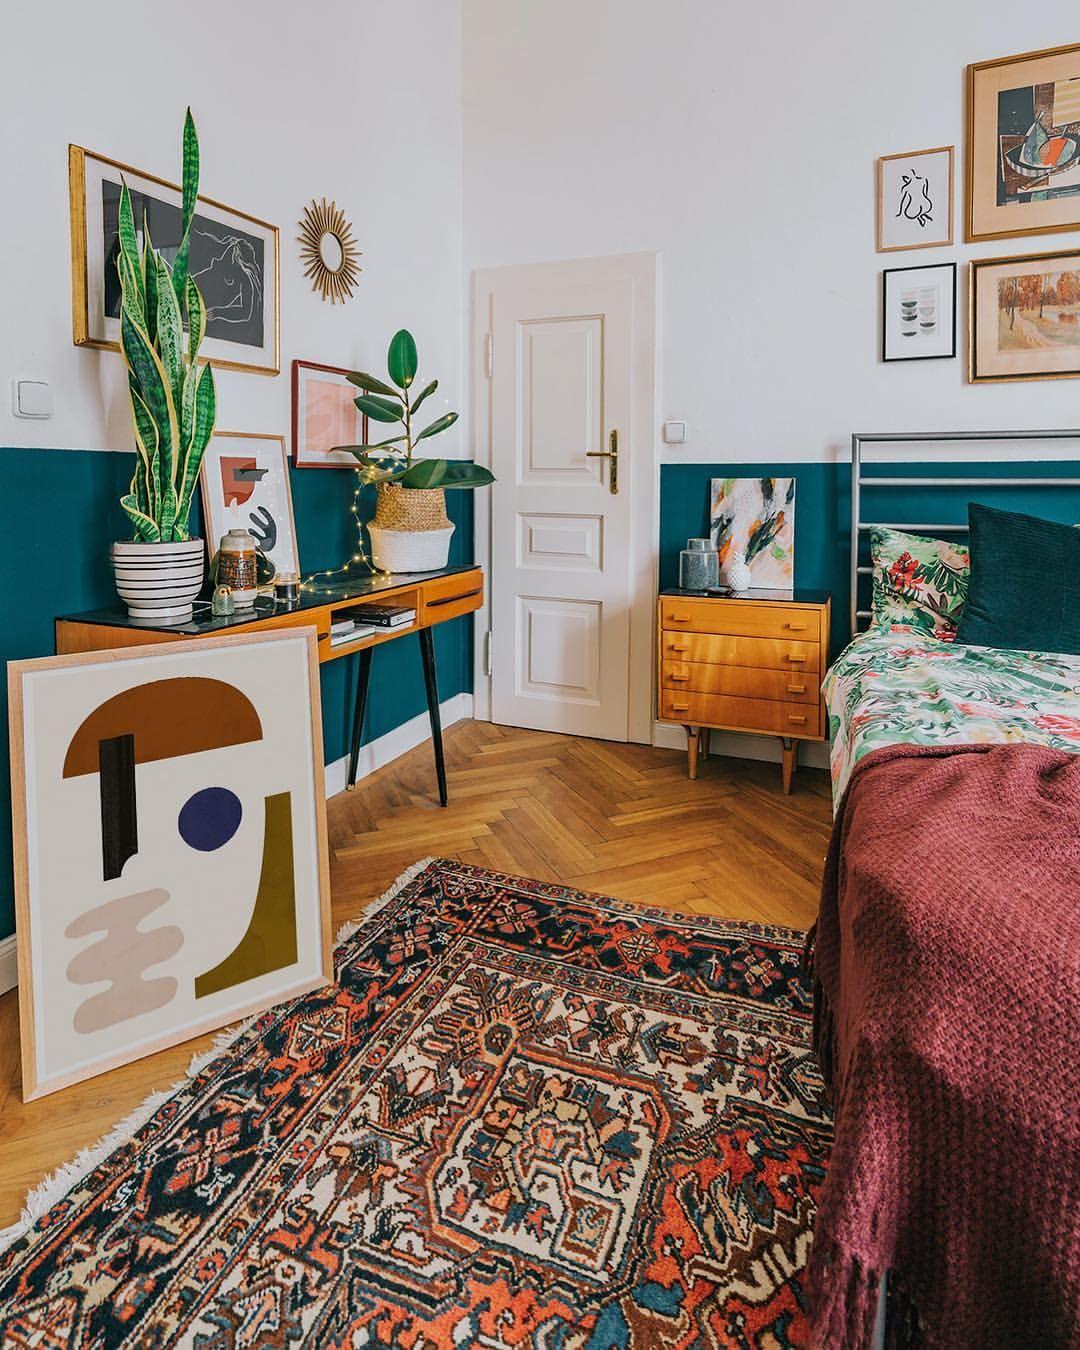 Best Minimalist Art Of Jan Skacelik Inside A Boho Bedroom With 640 x 480